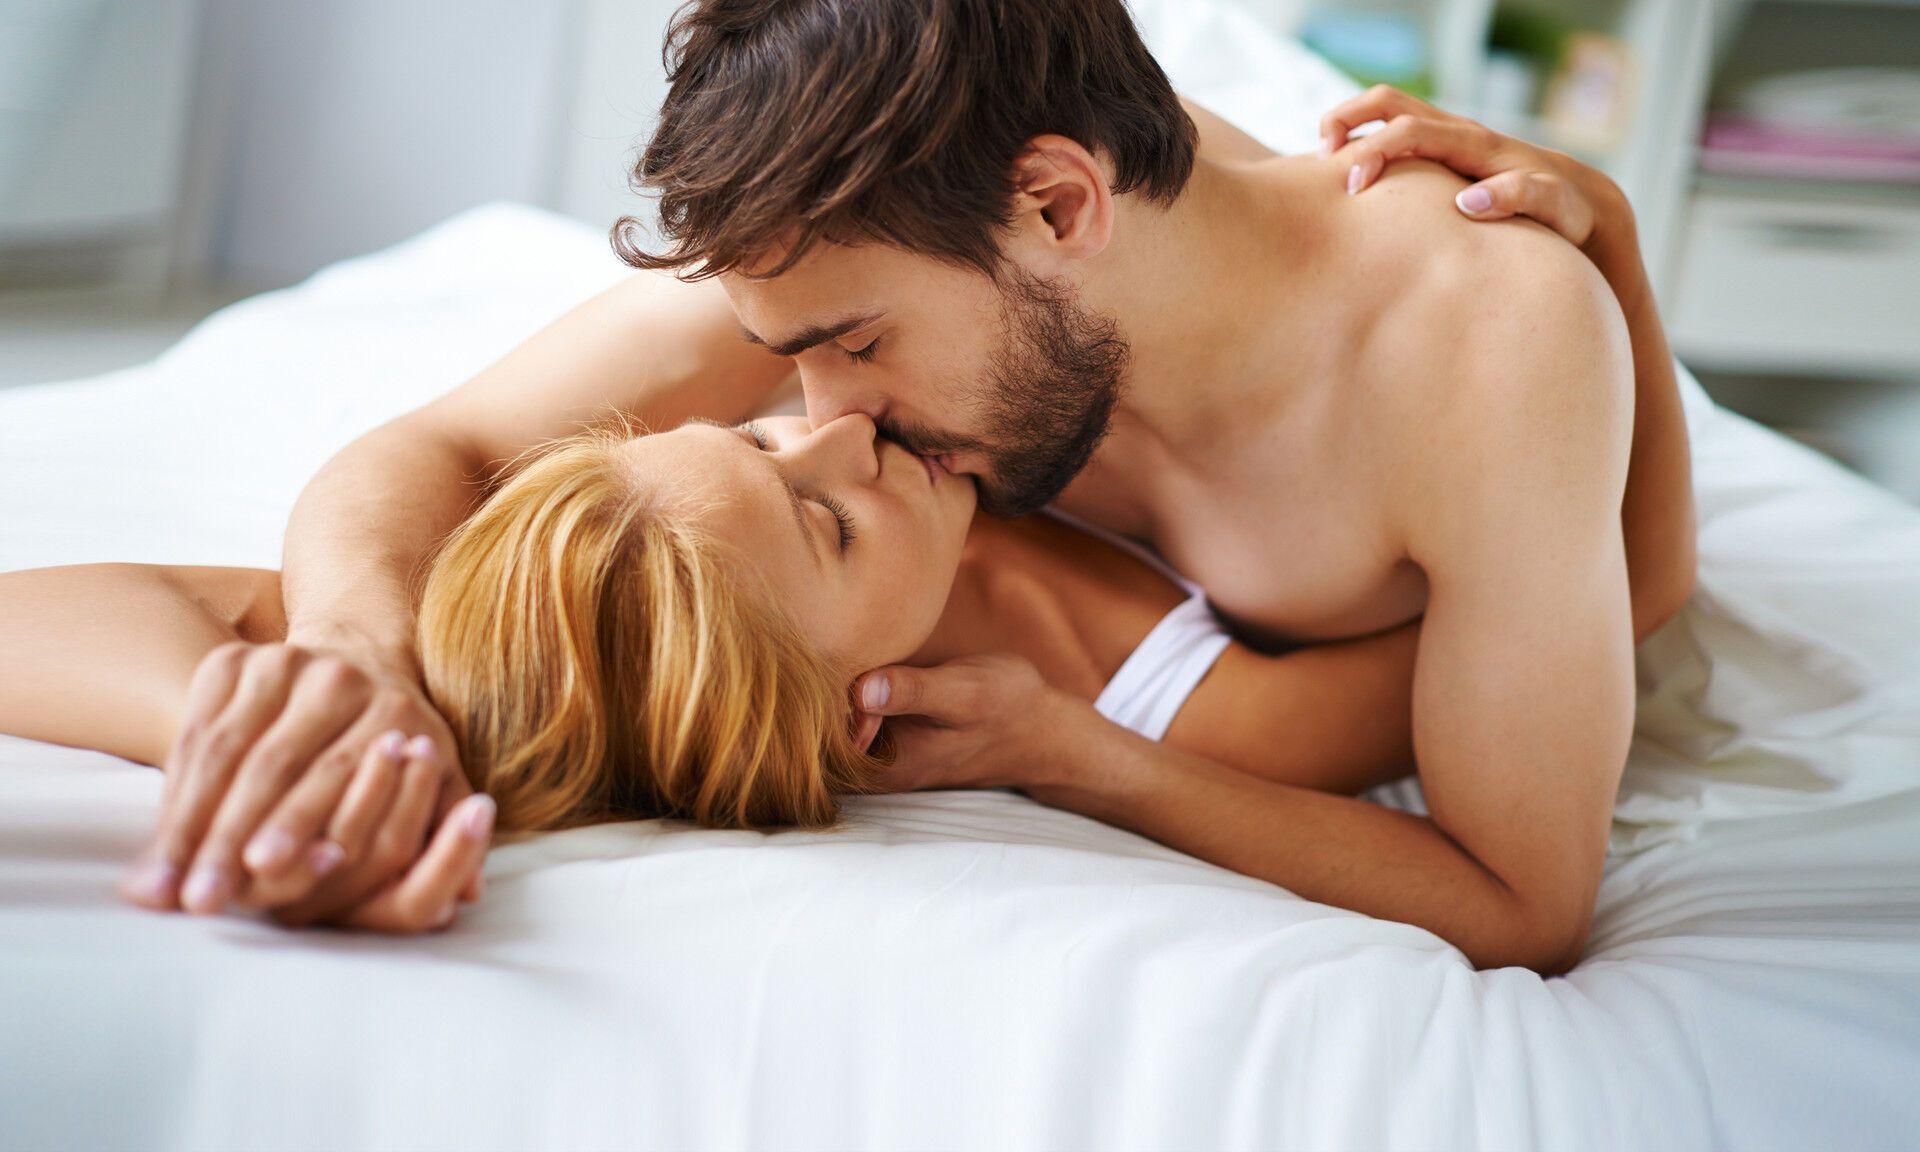 Важливо відрізняти порно-ідеали від реальності в сексі.